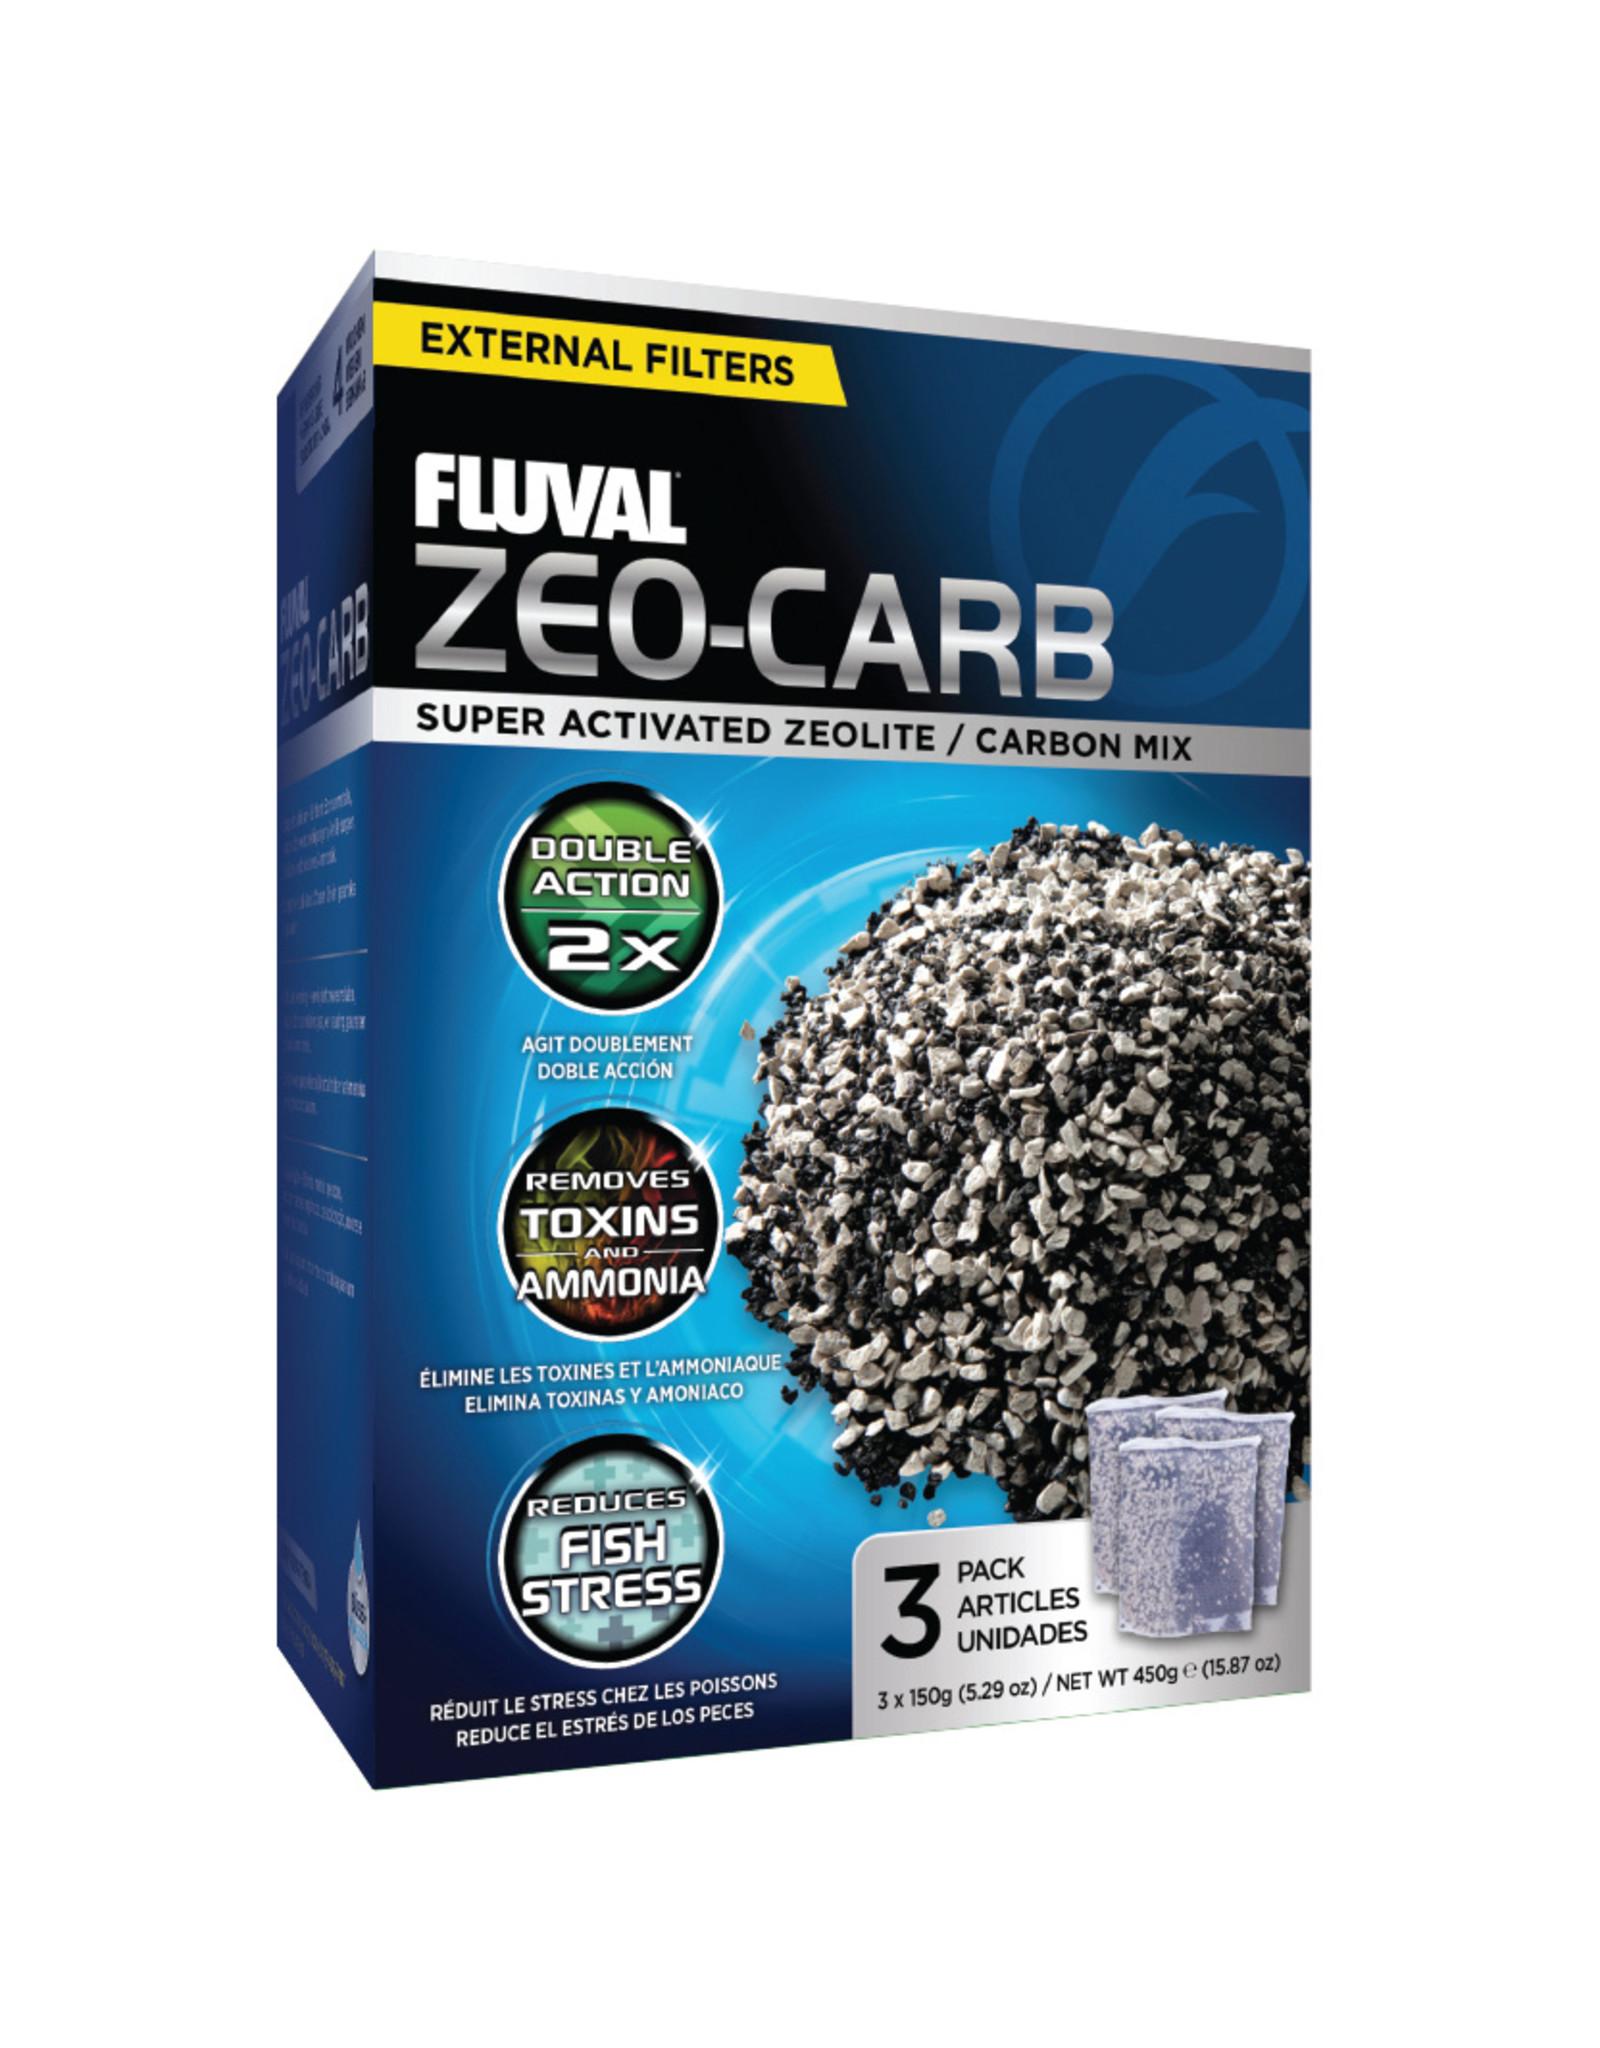 Fluval FLUVAL Zeo-Carb